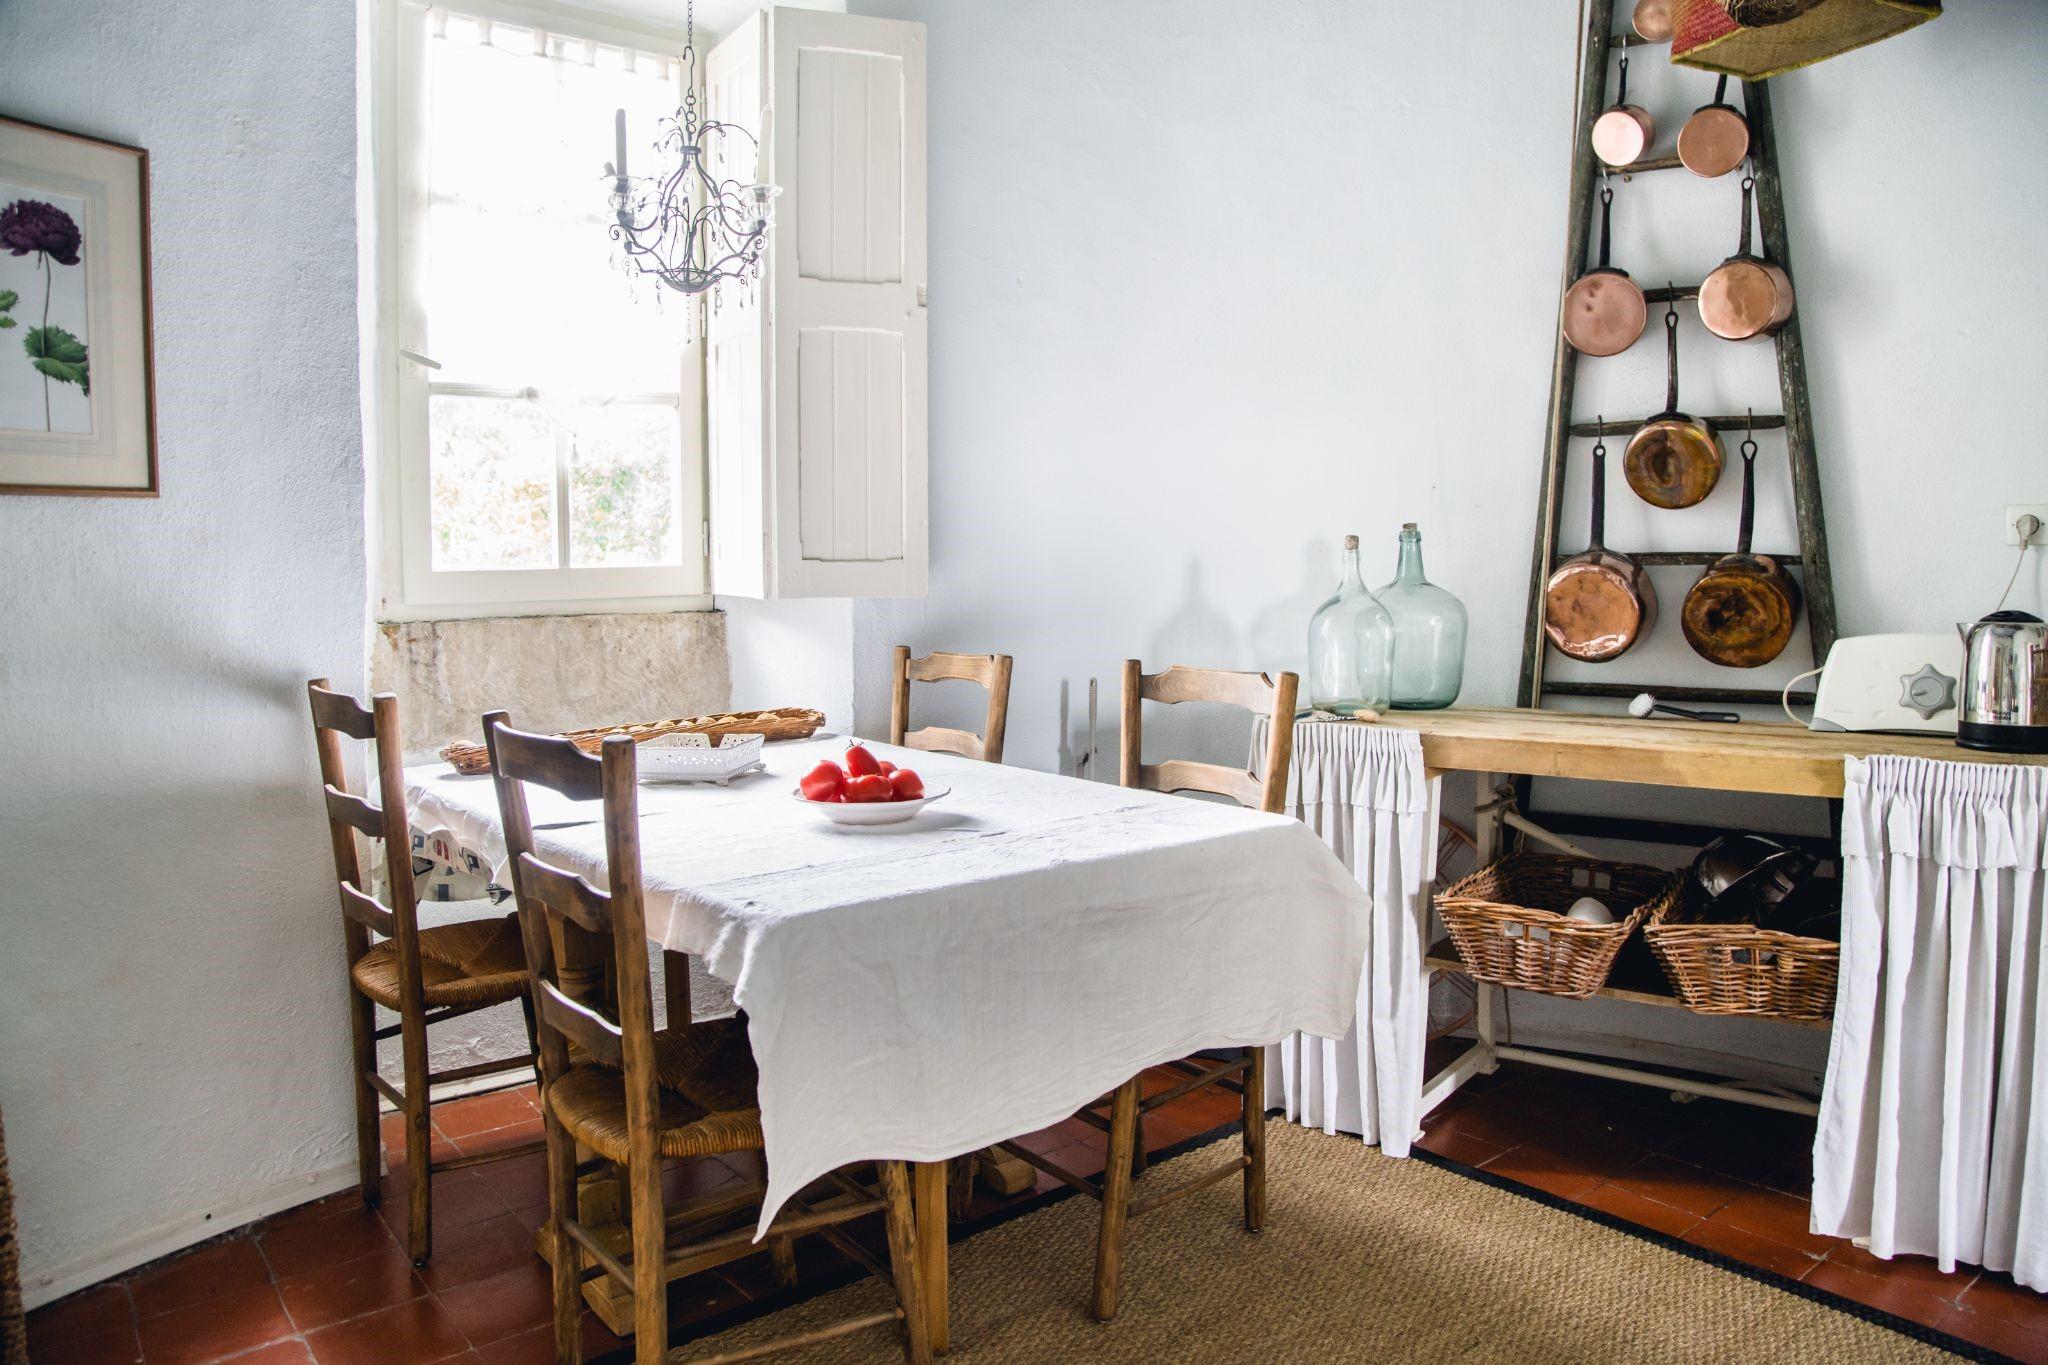 Mediterranean Style for Kitchen